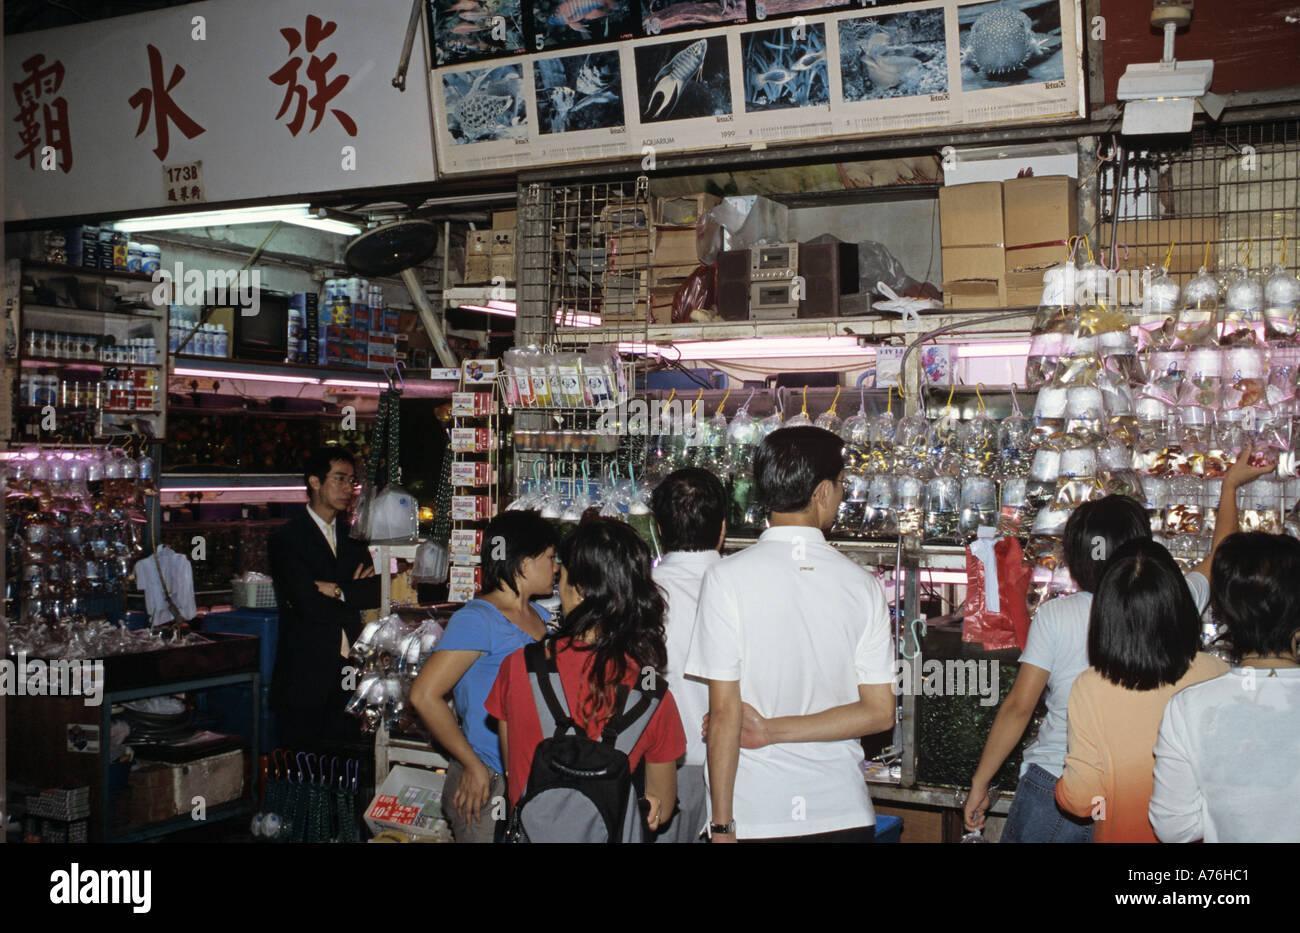 Asien Asia China Hongkong Hong Kong Kowloon Stock Photo